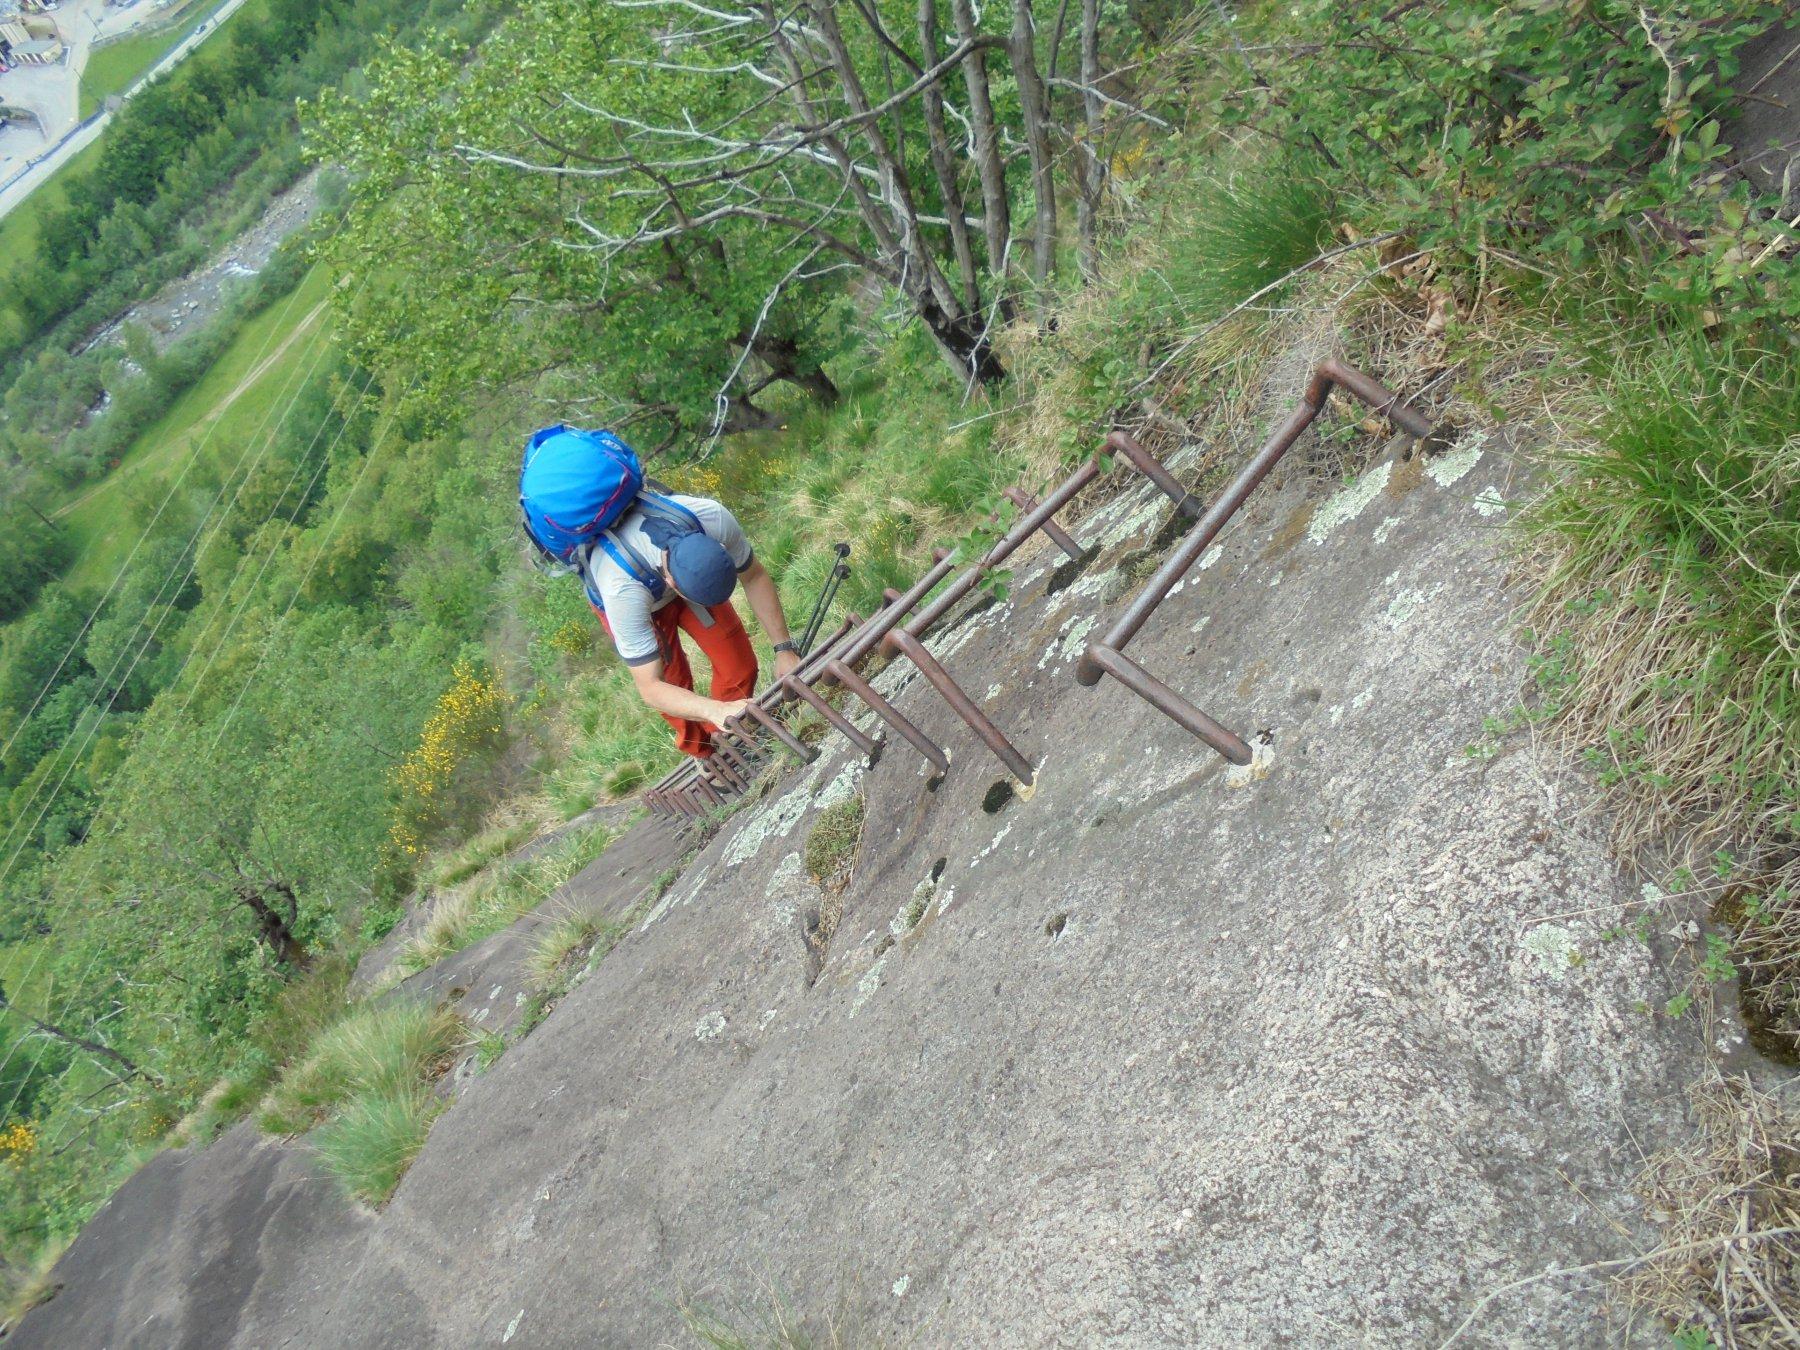 le scalette per arrivare al traliccio